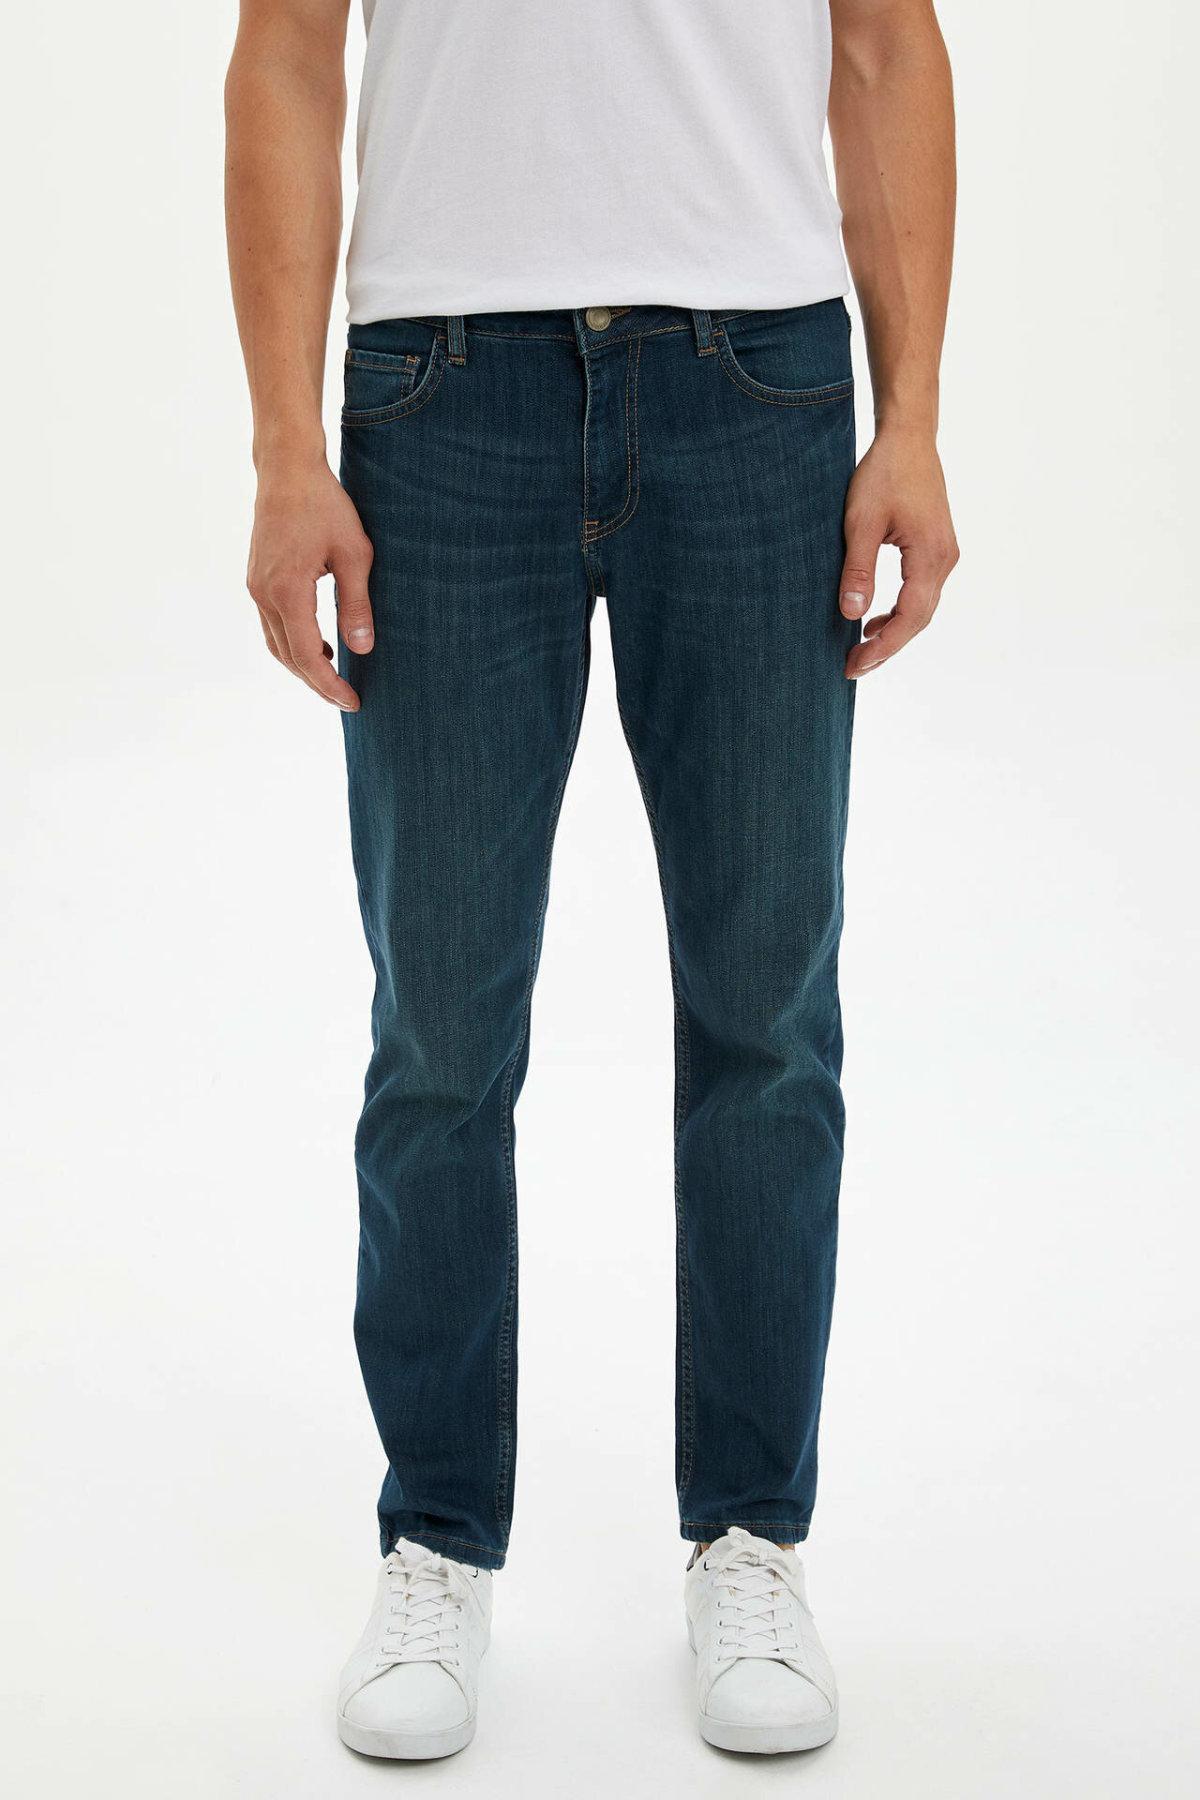 DeFacto Fashion Men's Wash Dark Blue Stretch Jeans Men Elastic Cotton Denim Pants Loose Trousers New Menswear New -L6709AZ19AU